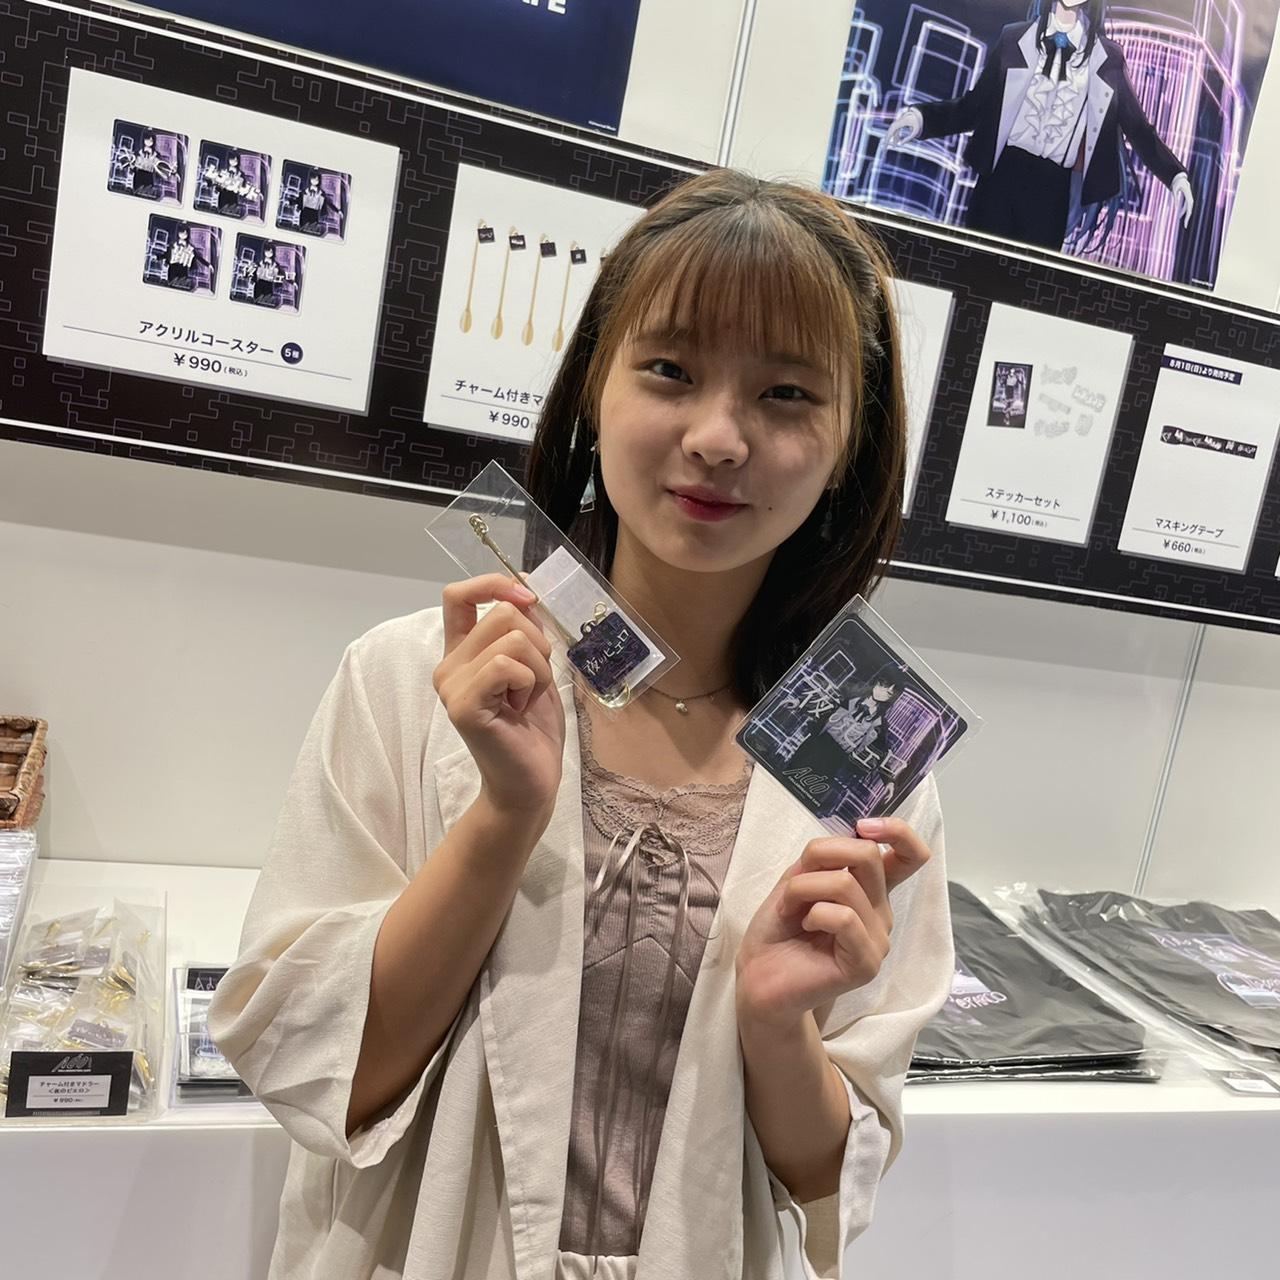 はせいあい(青山学院大学)ACTRESS PRESS REPORTER(アクトレスプレス・リポーター)in Ado Collaboration Cafe@PARCO 2021年8月